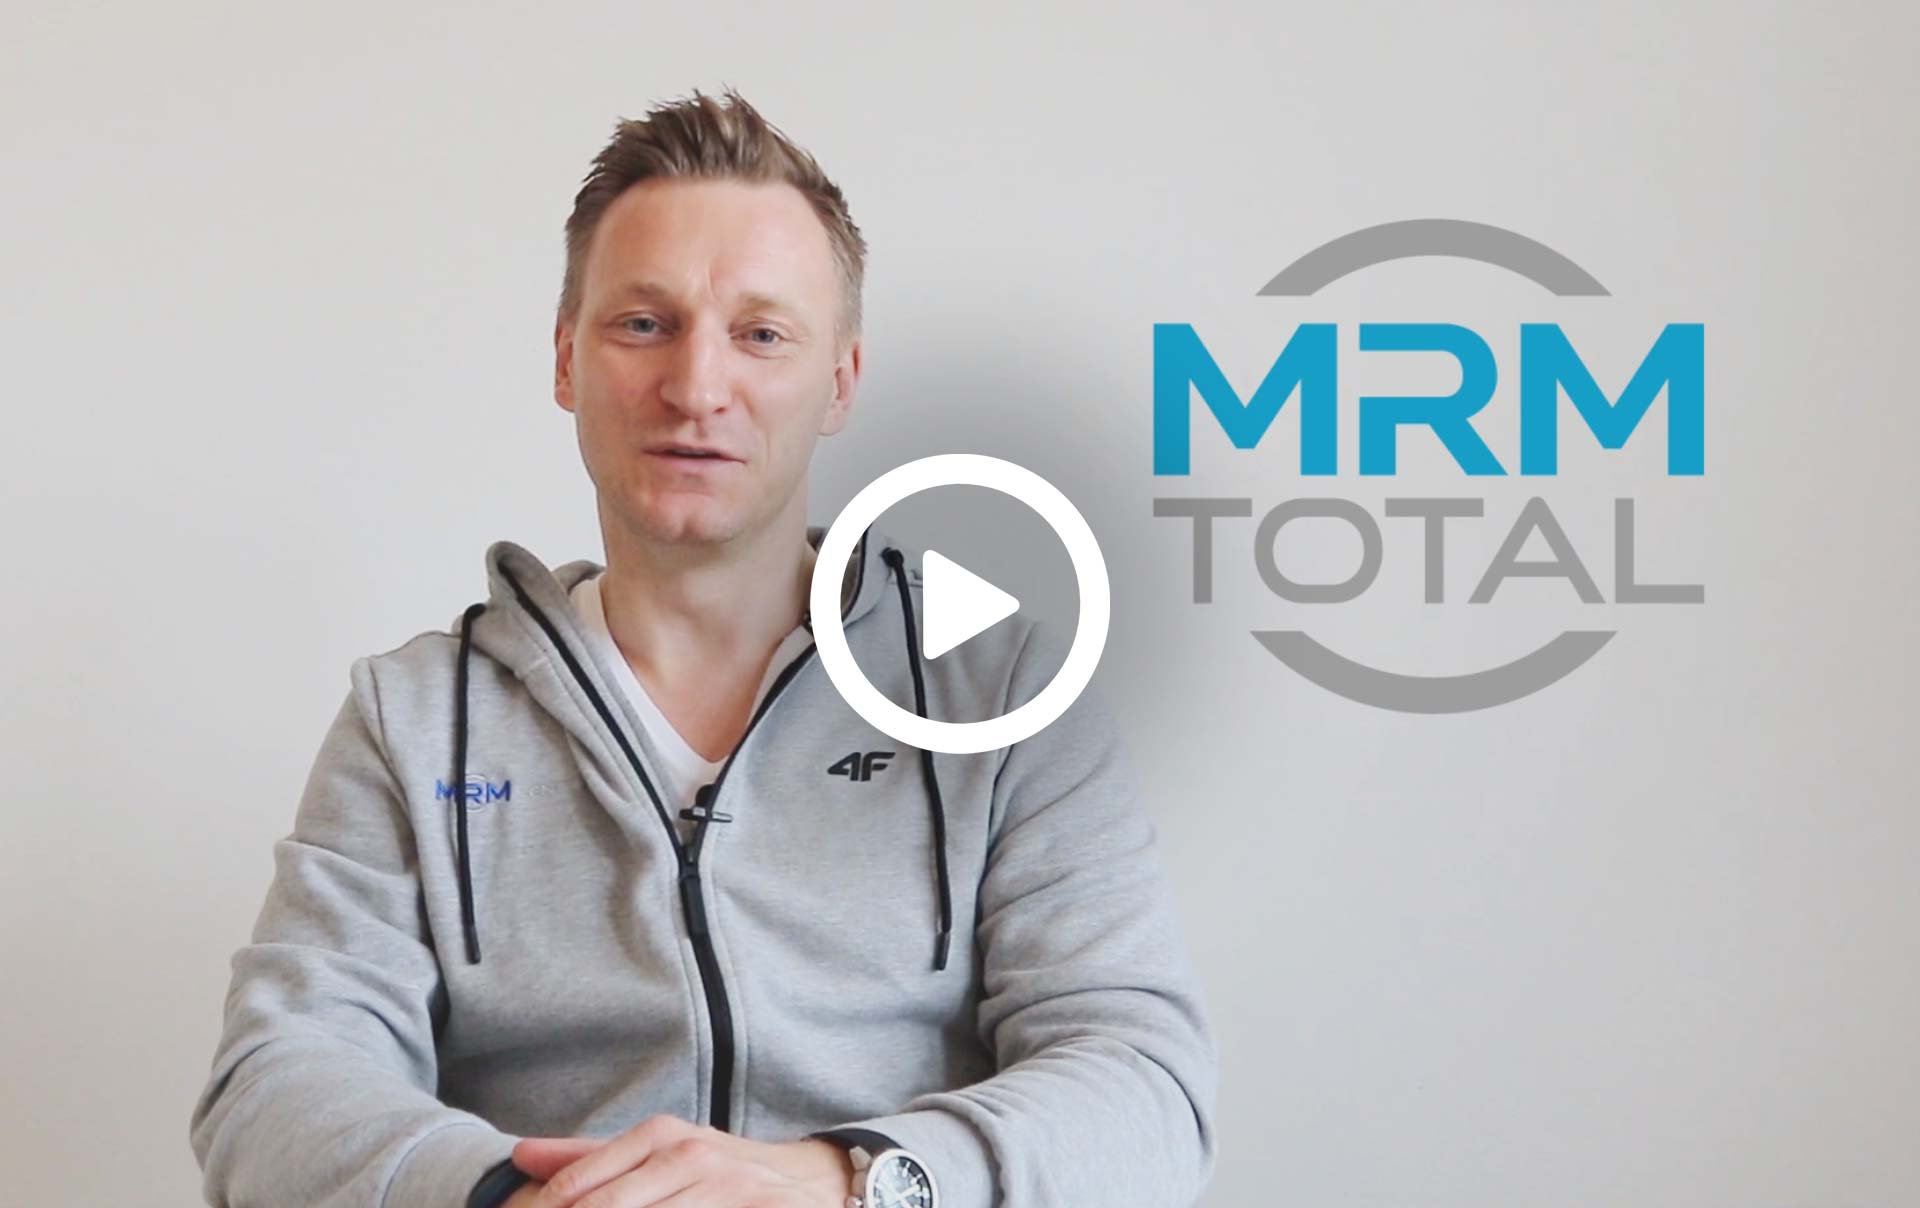 Total MRM